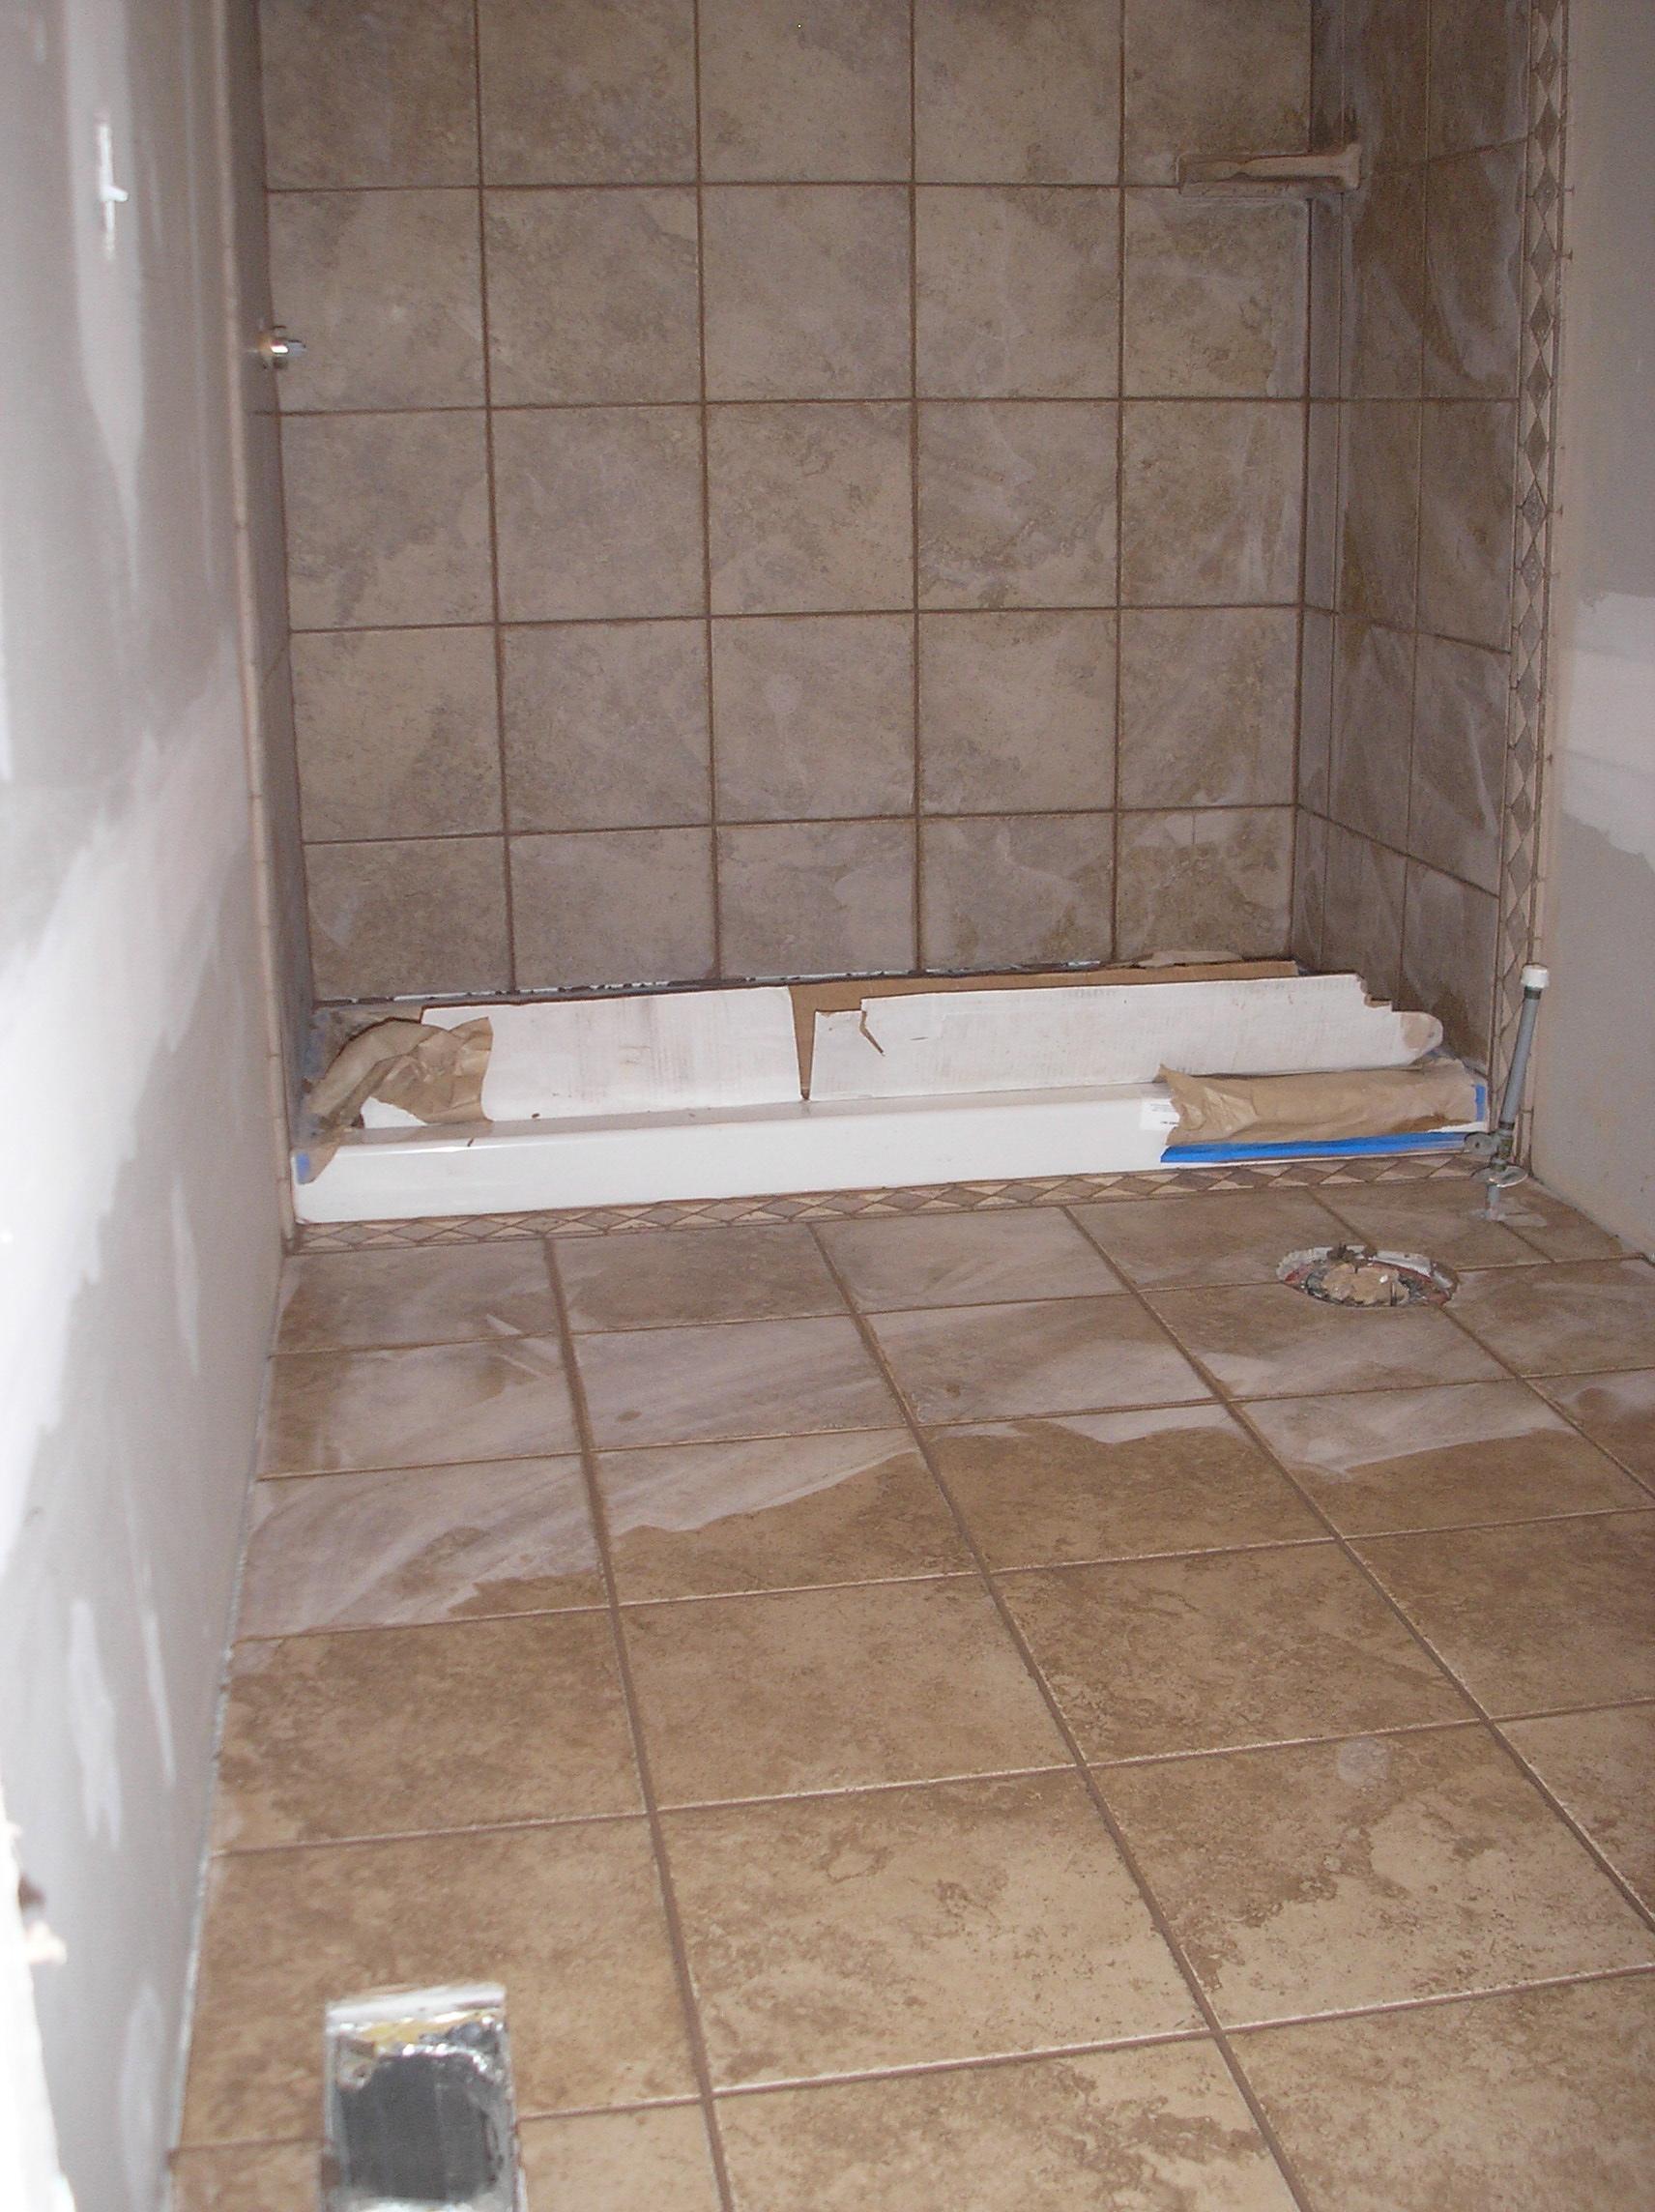 Tile Michael R Taylor Construction